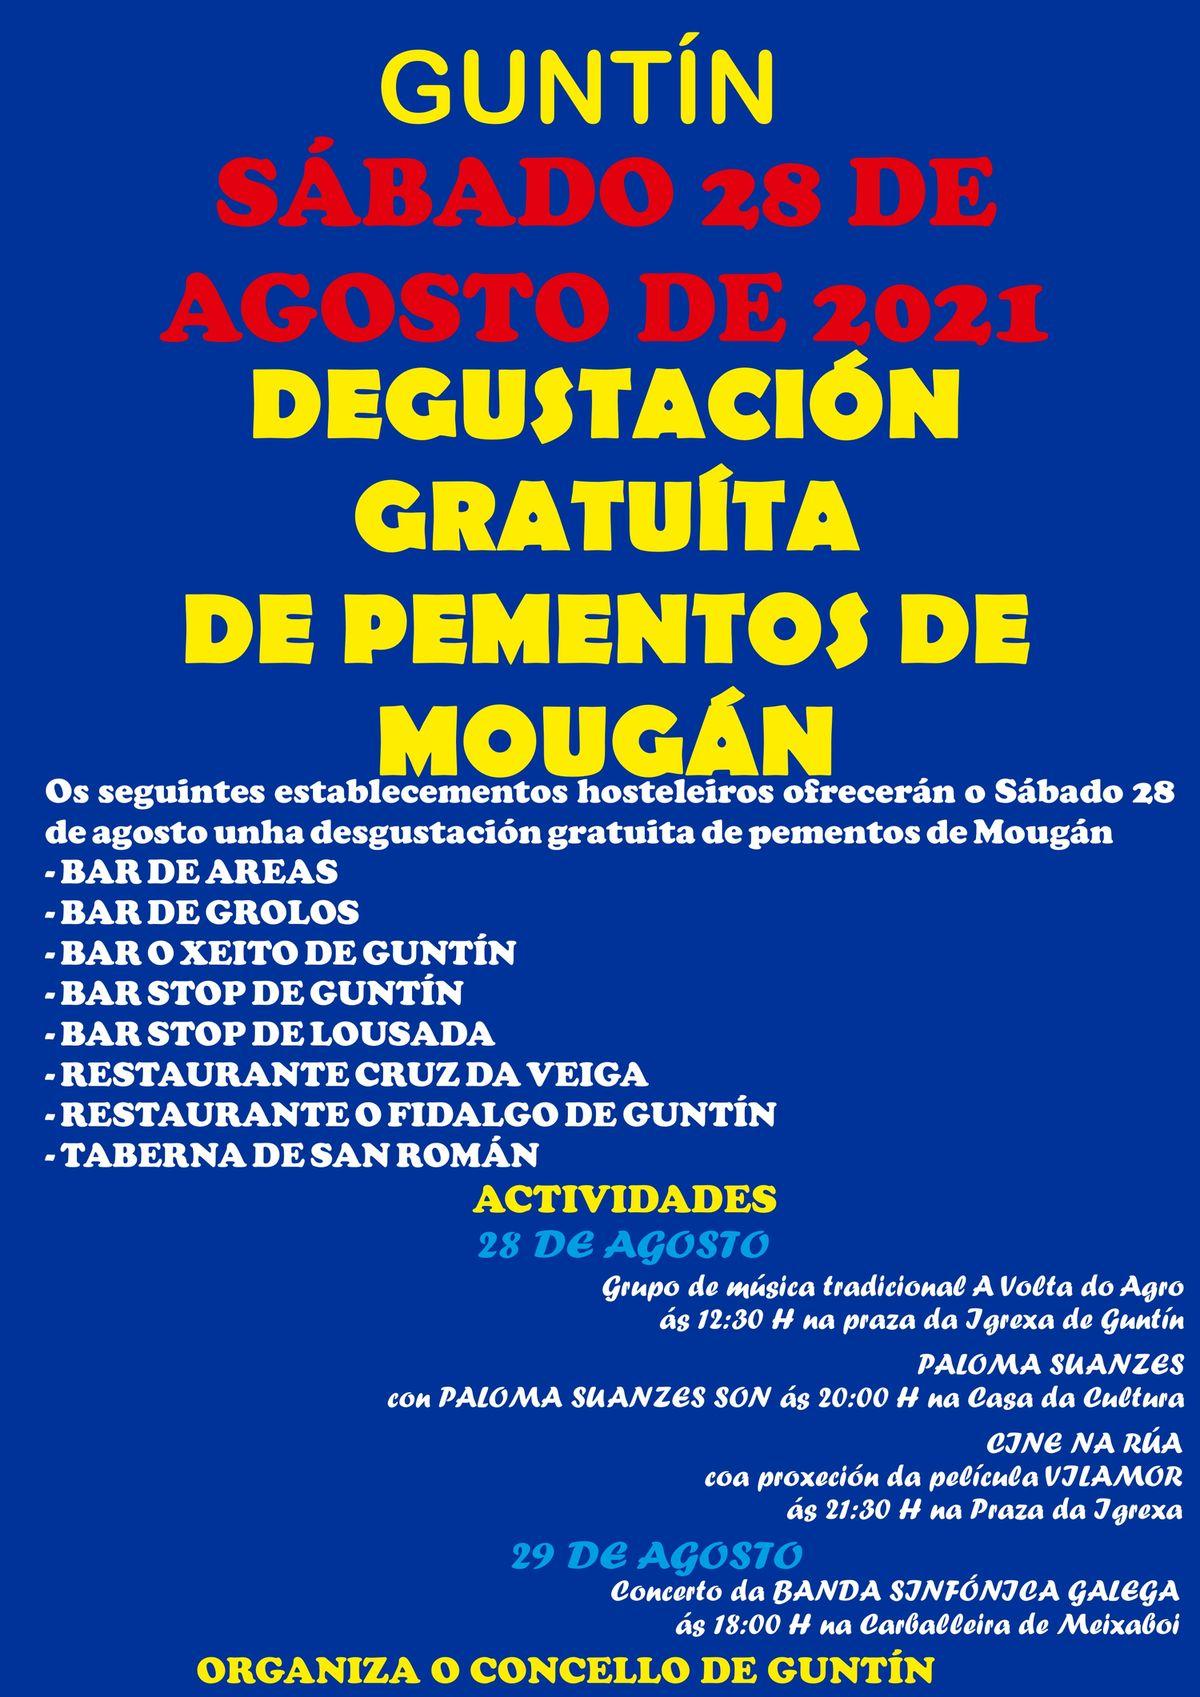 SÁBADO 28: DEGUSTACIÓN GRATUÍTA DE PEMENTOS DE MOUGÁN